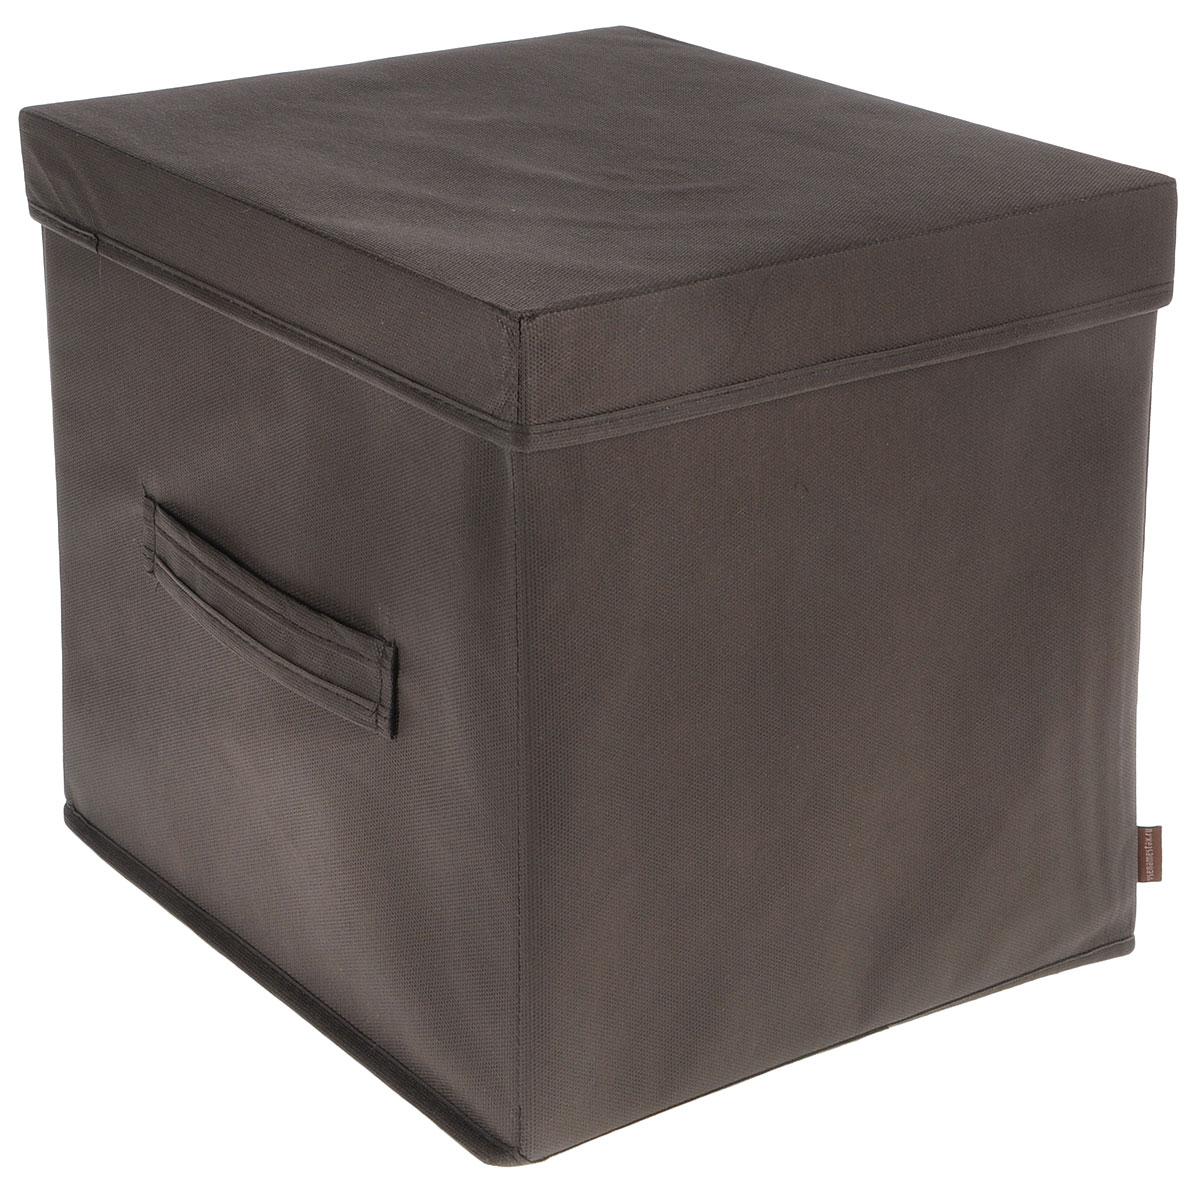 Коробка для вещей и игрушек Все на местах Minimalistic, с крышкой, цвет: коричневый, 30 x 30 x 30 см1015036Коробка с крышкой Minimalistic выполнена из высококачественного нетканого материала, который обеспечивает естественную вентиляцию и предназначен для хранения вещей или игрушек. Он защитит вещи от повреждений, пыли, влаги и загрязнений во время хранения и транспортировки. Размер коробки: 30 х 30 х 30 см.